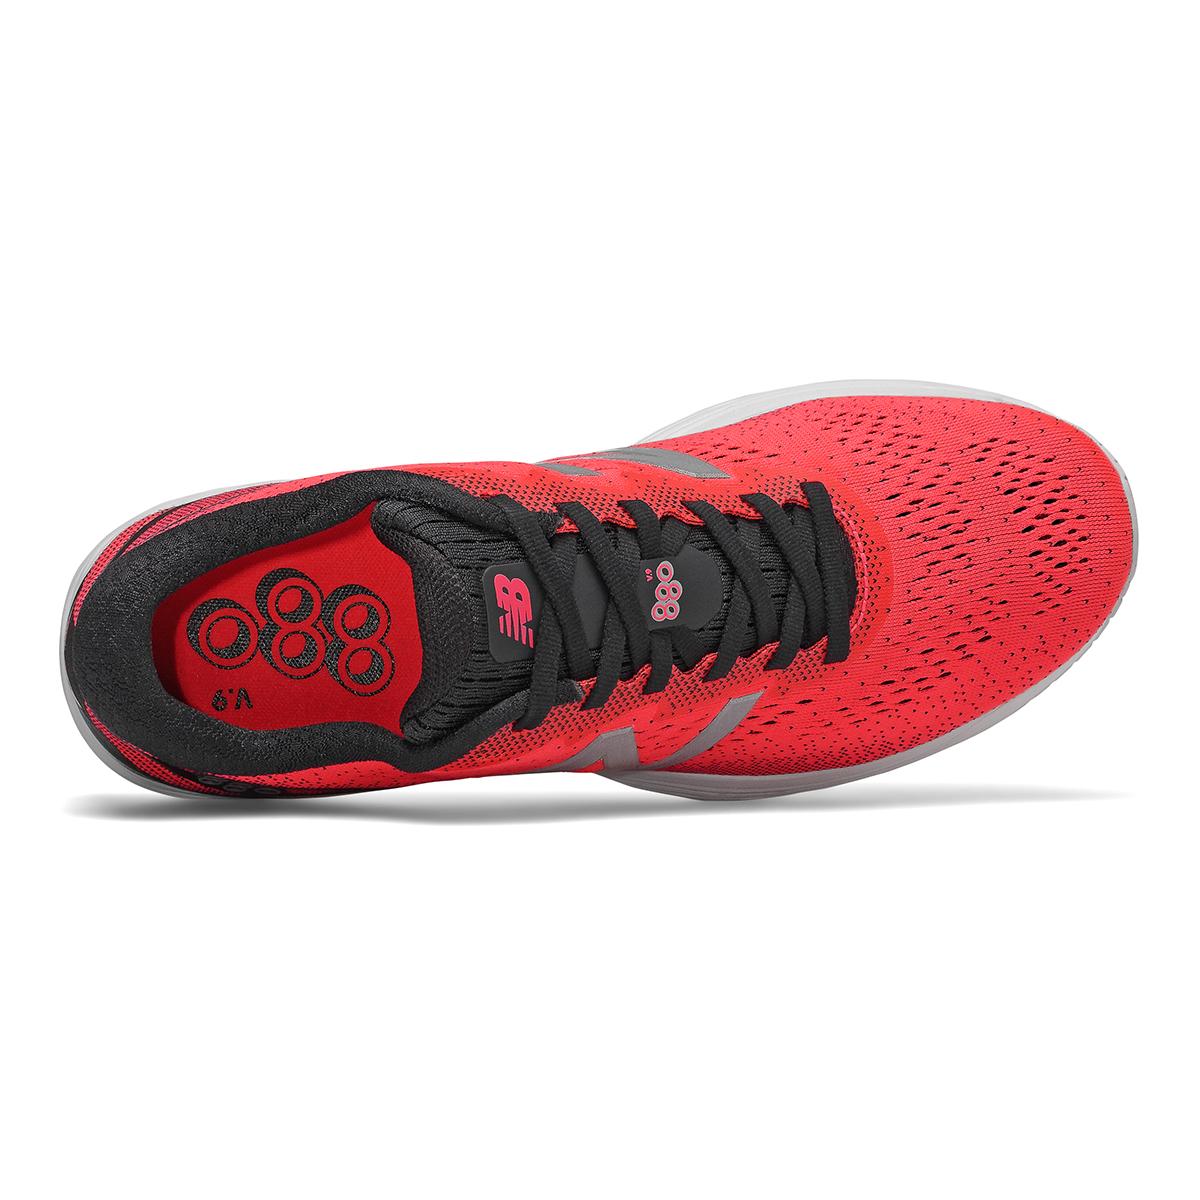 Men's New Balance 880V9 Running Shoe - Color: Energy Red / Black / White (Regular Width) - Size: 9, Energy Red / Black / White, large, image 4